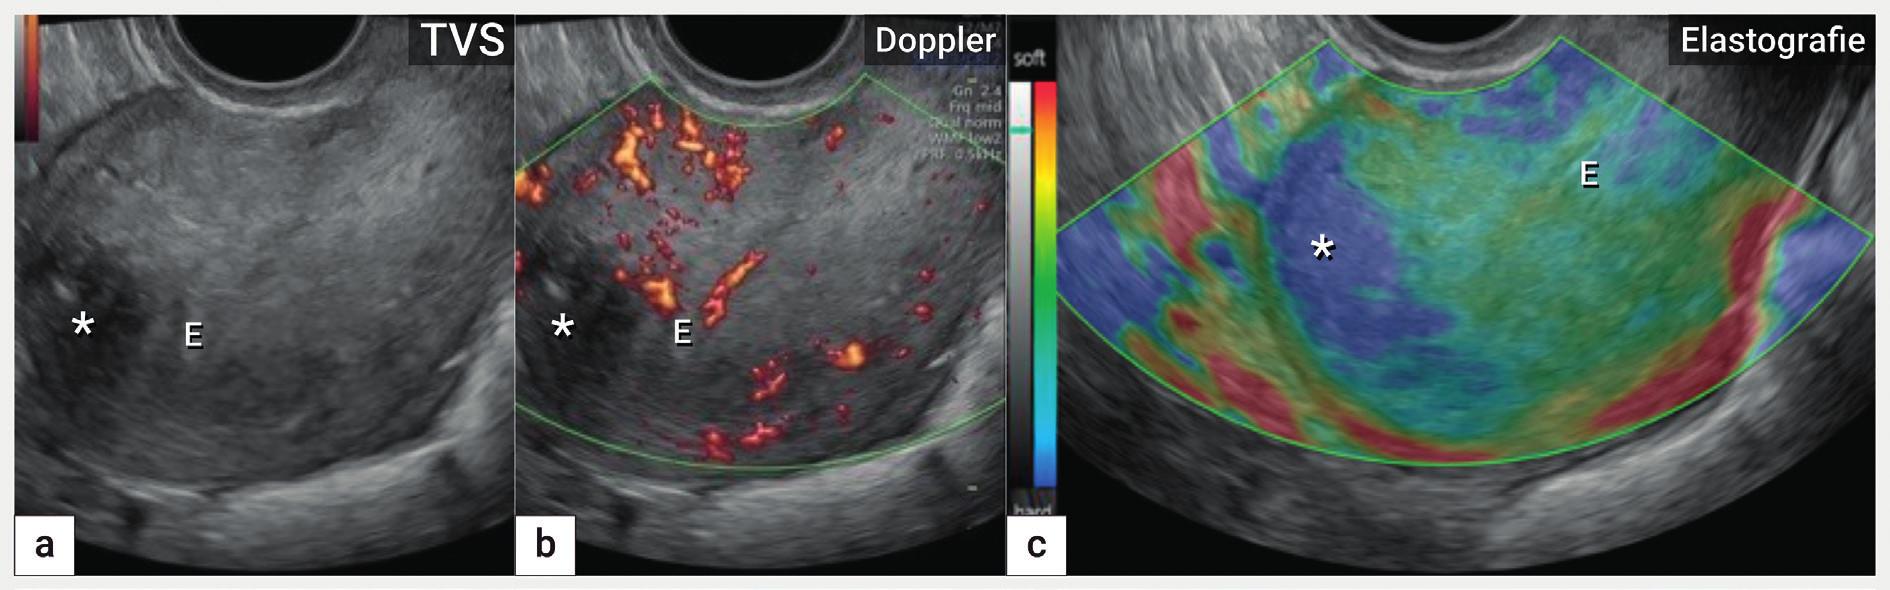 Elastografie<br> Ultrazvukové zobrazení dělohy (B-mode, škála šedi) s koncentricky zesílenou přední a zvláště zadní stěnou na podkladě adenomyózy (a), zobrazení barevným dopplerem s nezměněnou perfuzí v přední a zadní stěně děložní (b), elastografie s označením fibrotických změn hvězdičkou (modrá oblast) uložených převážně ventrálně ve fundu (c). E – endometrium